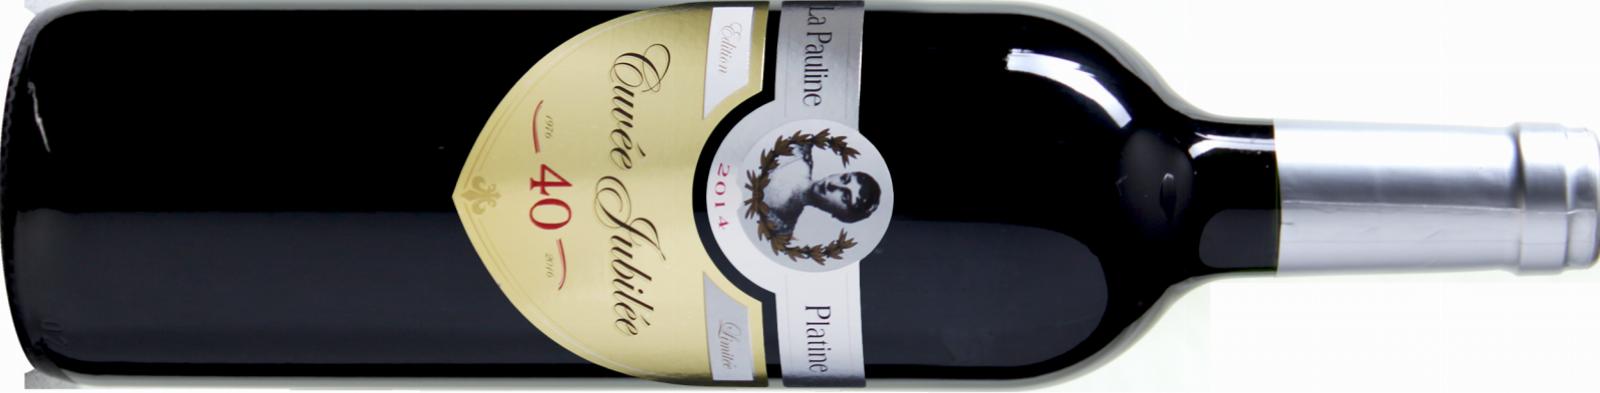 La Pauline Platine Cuvée Jubilée Cabernet-Sauvignon Merlot 2014